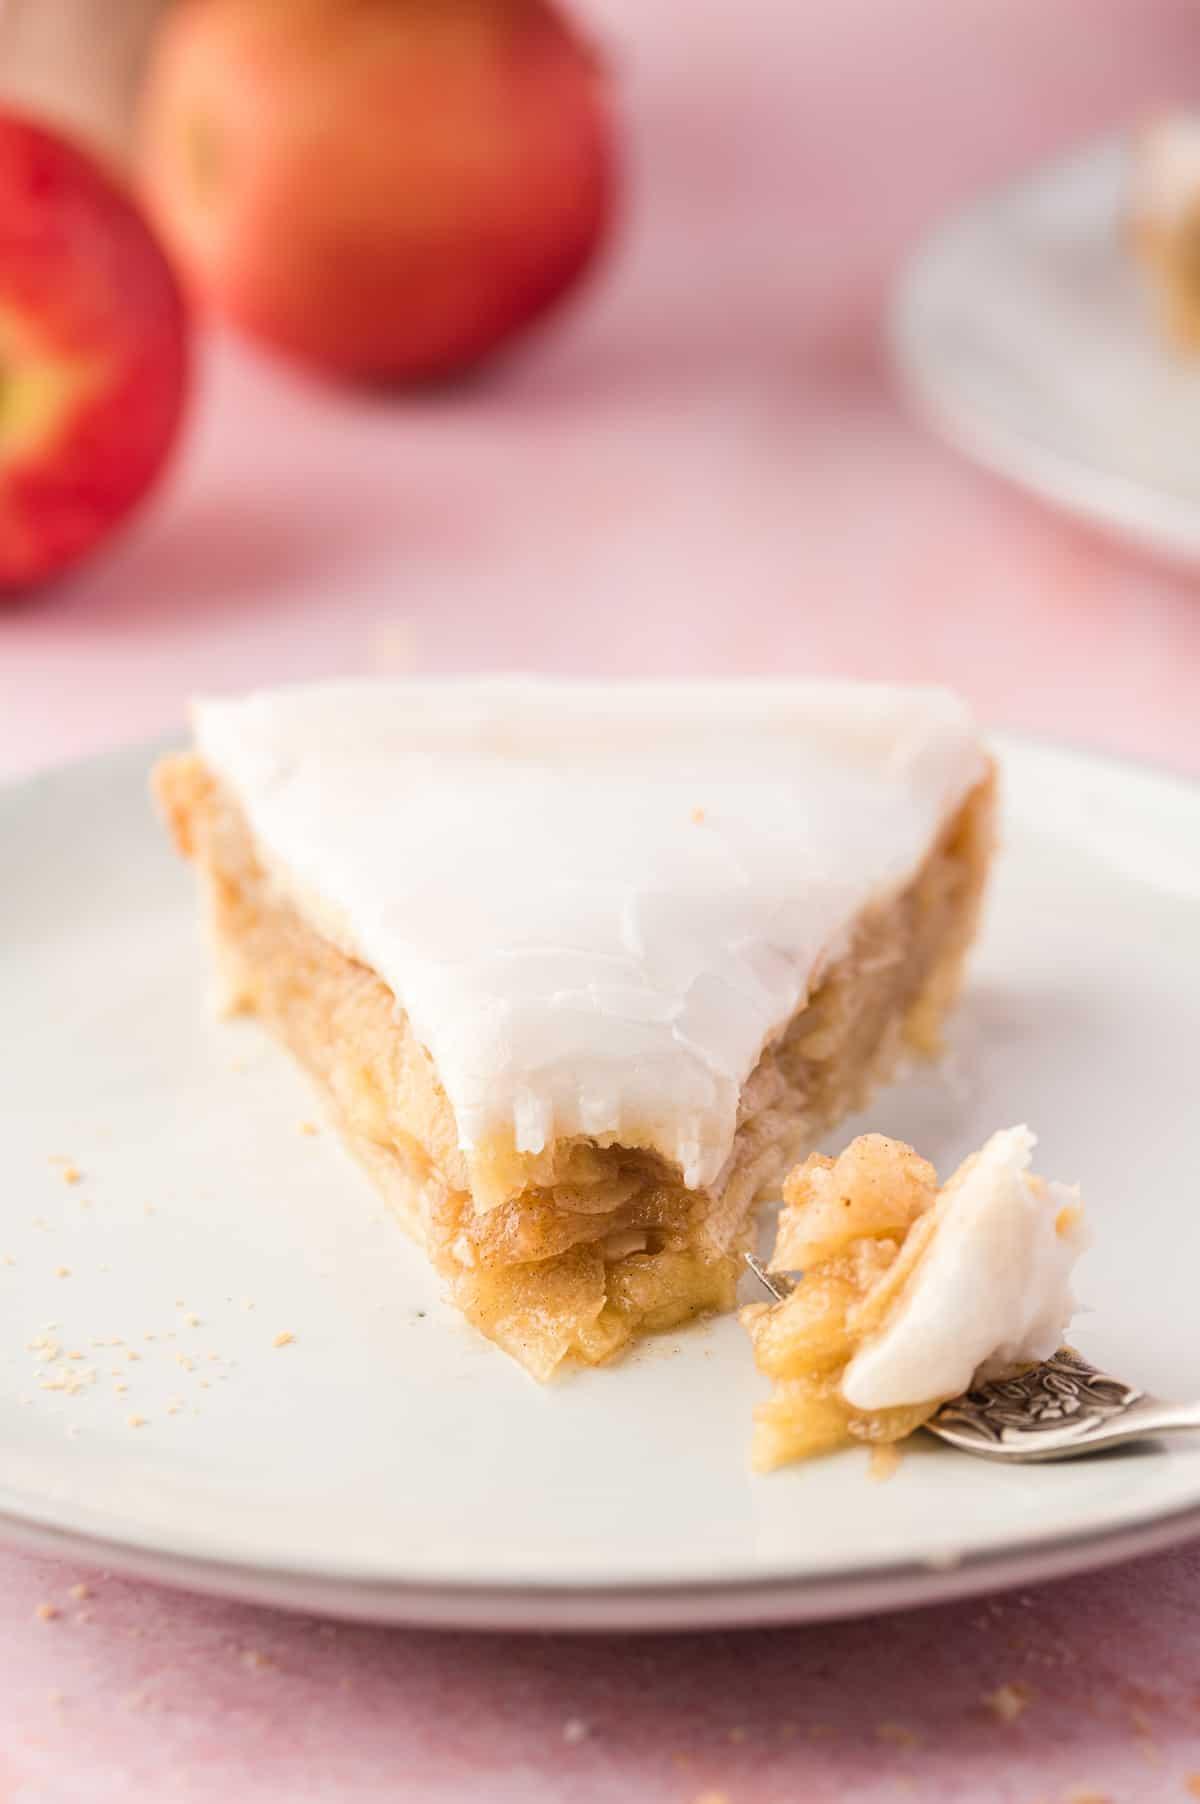 Nahaufnahme von Apfelkuchen auf weißem Teller mit Gabel